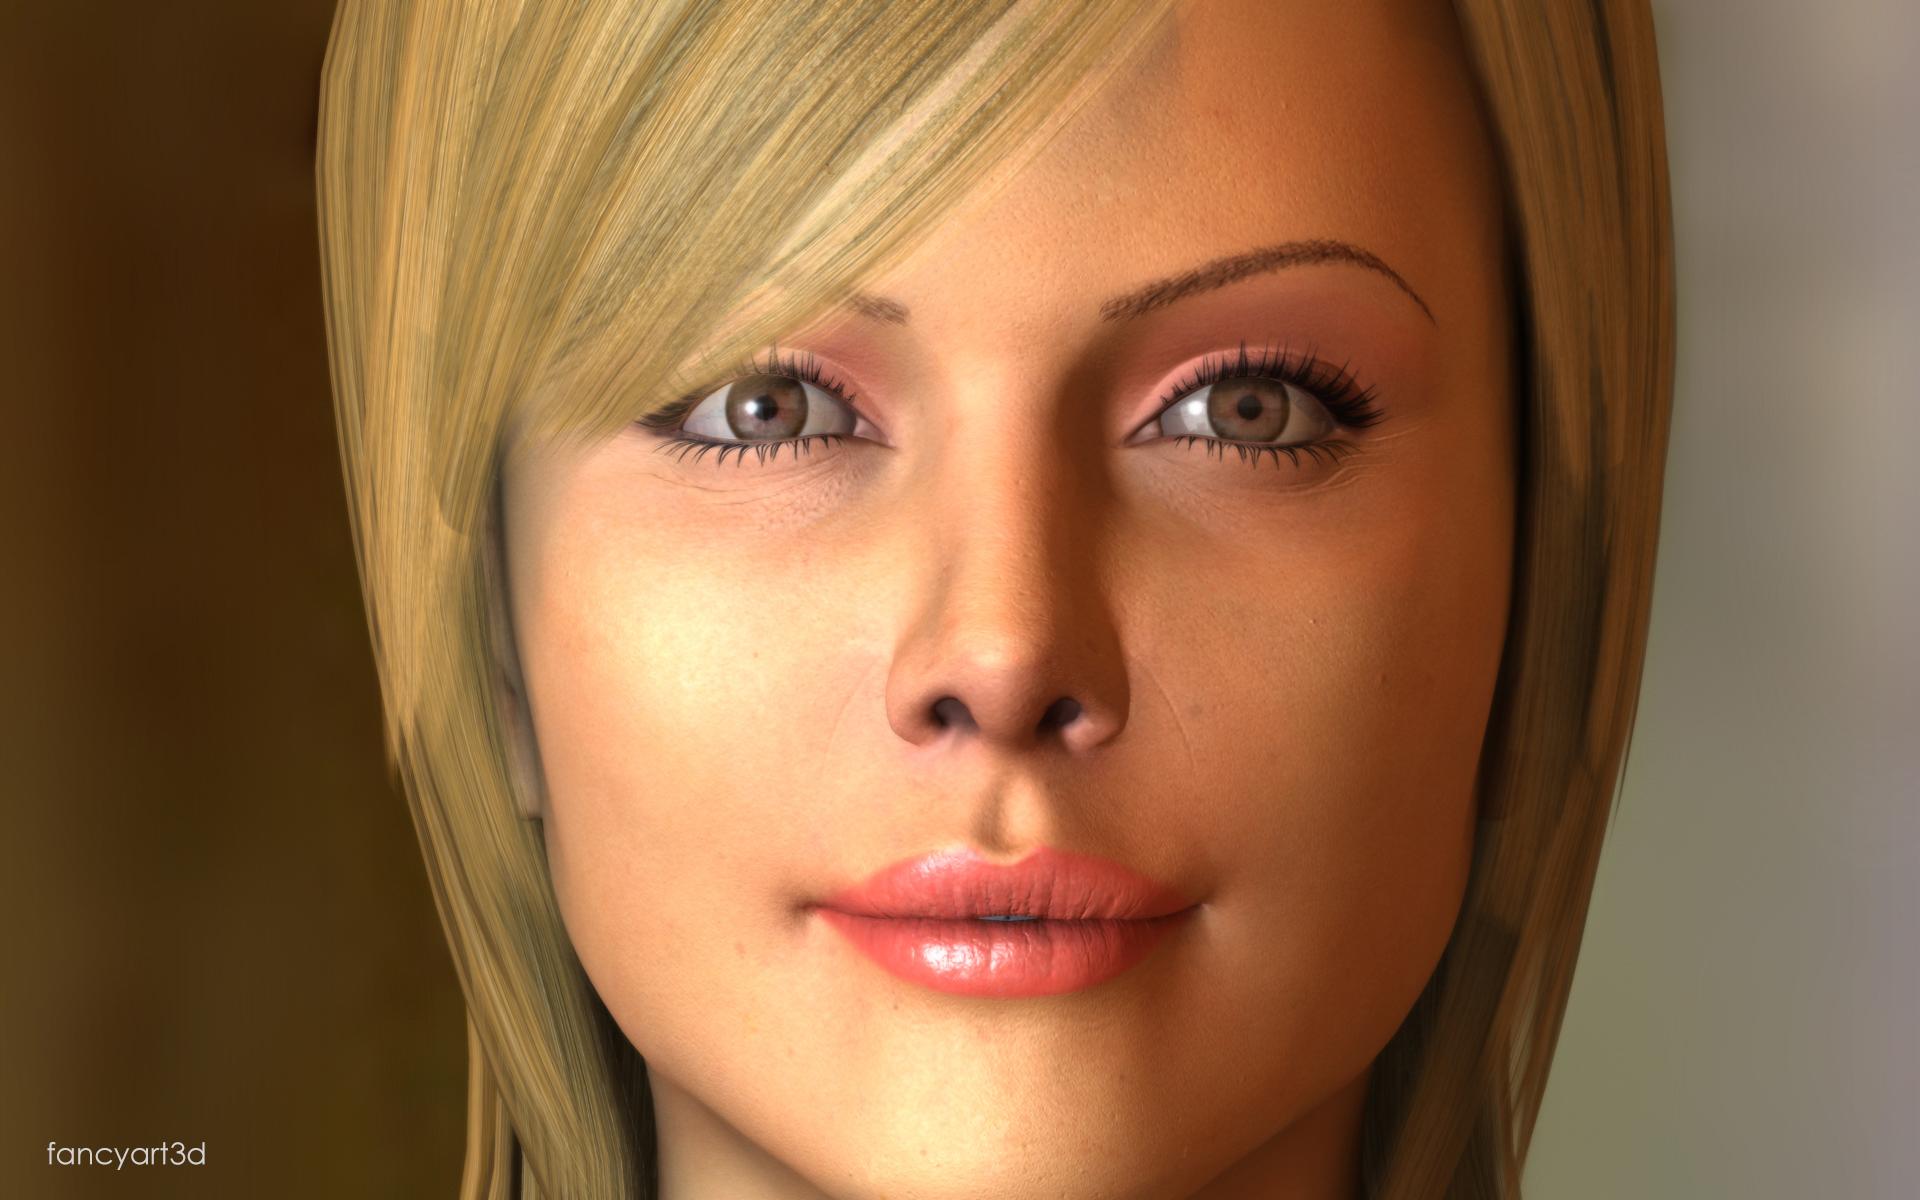 fancyart3d: Pretty Girl